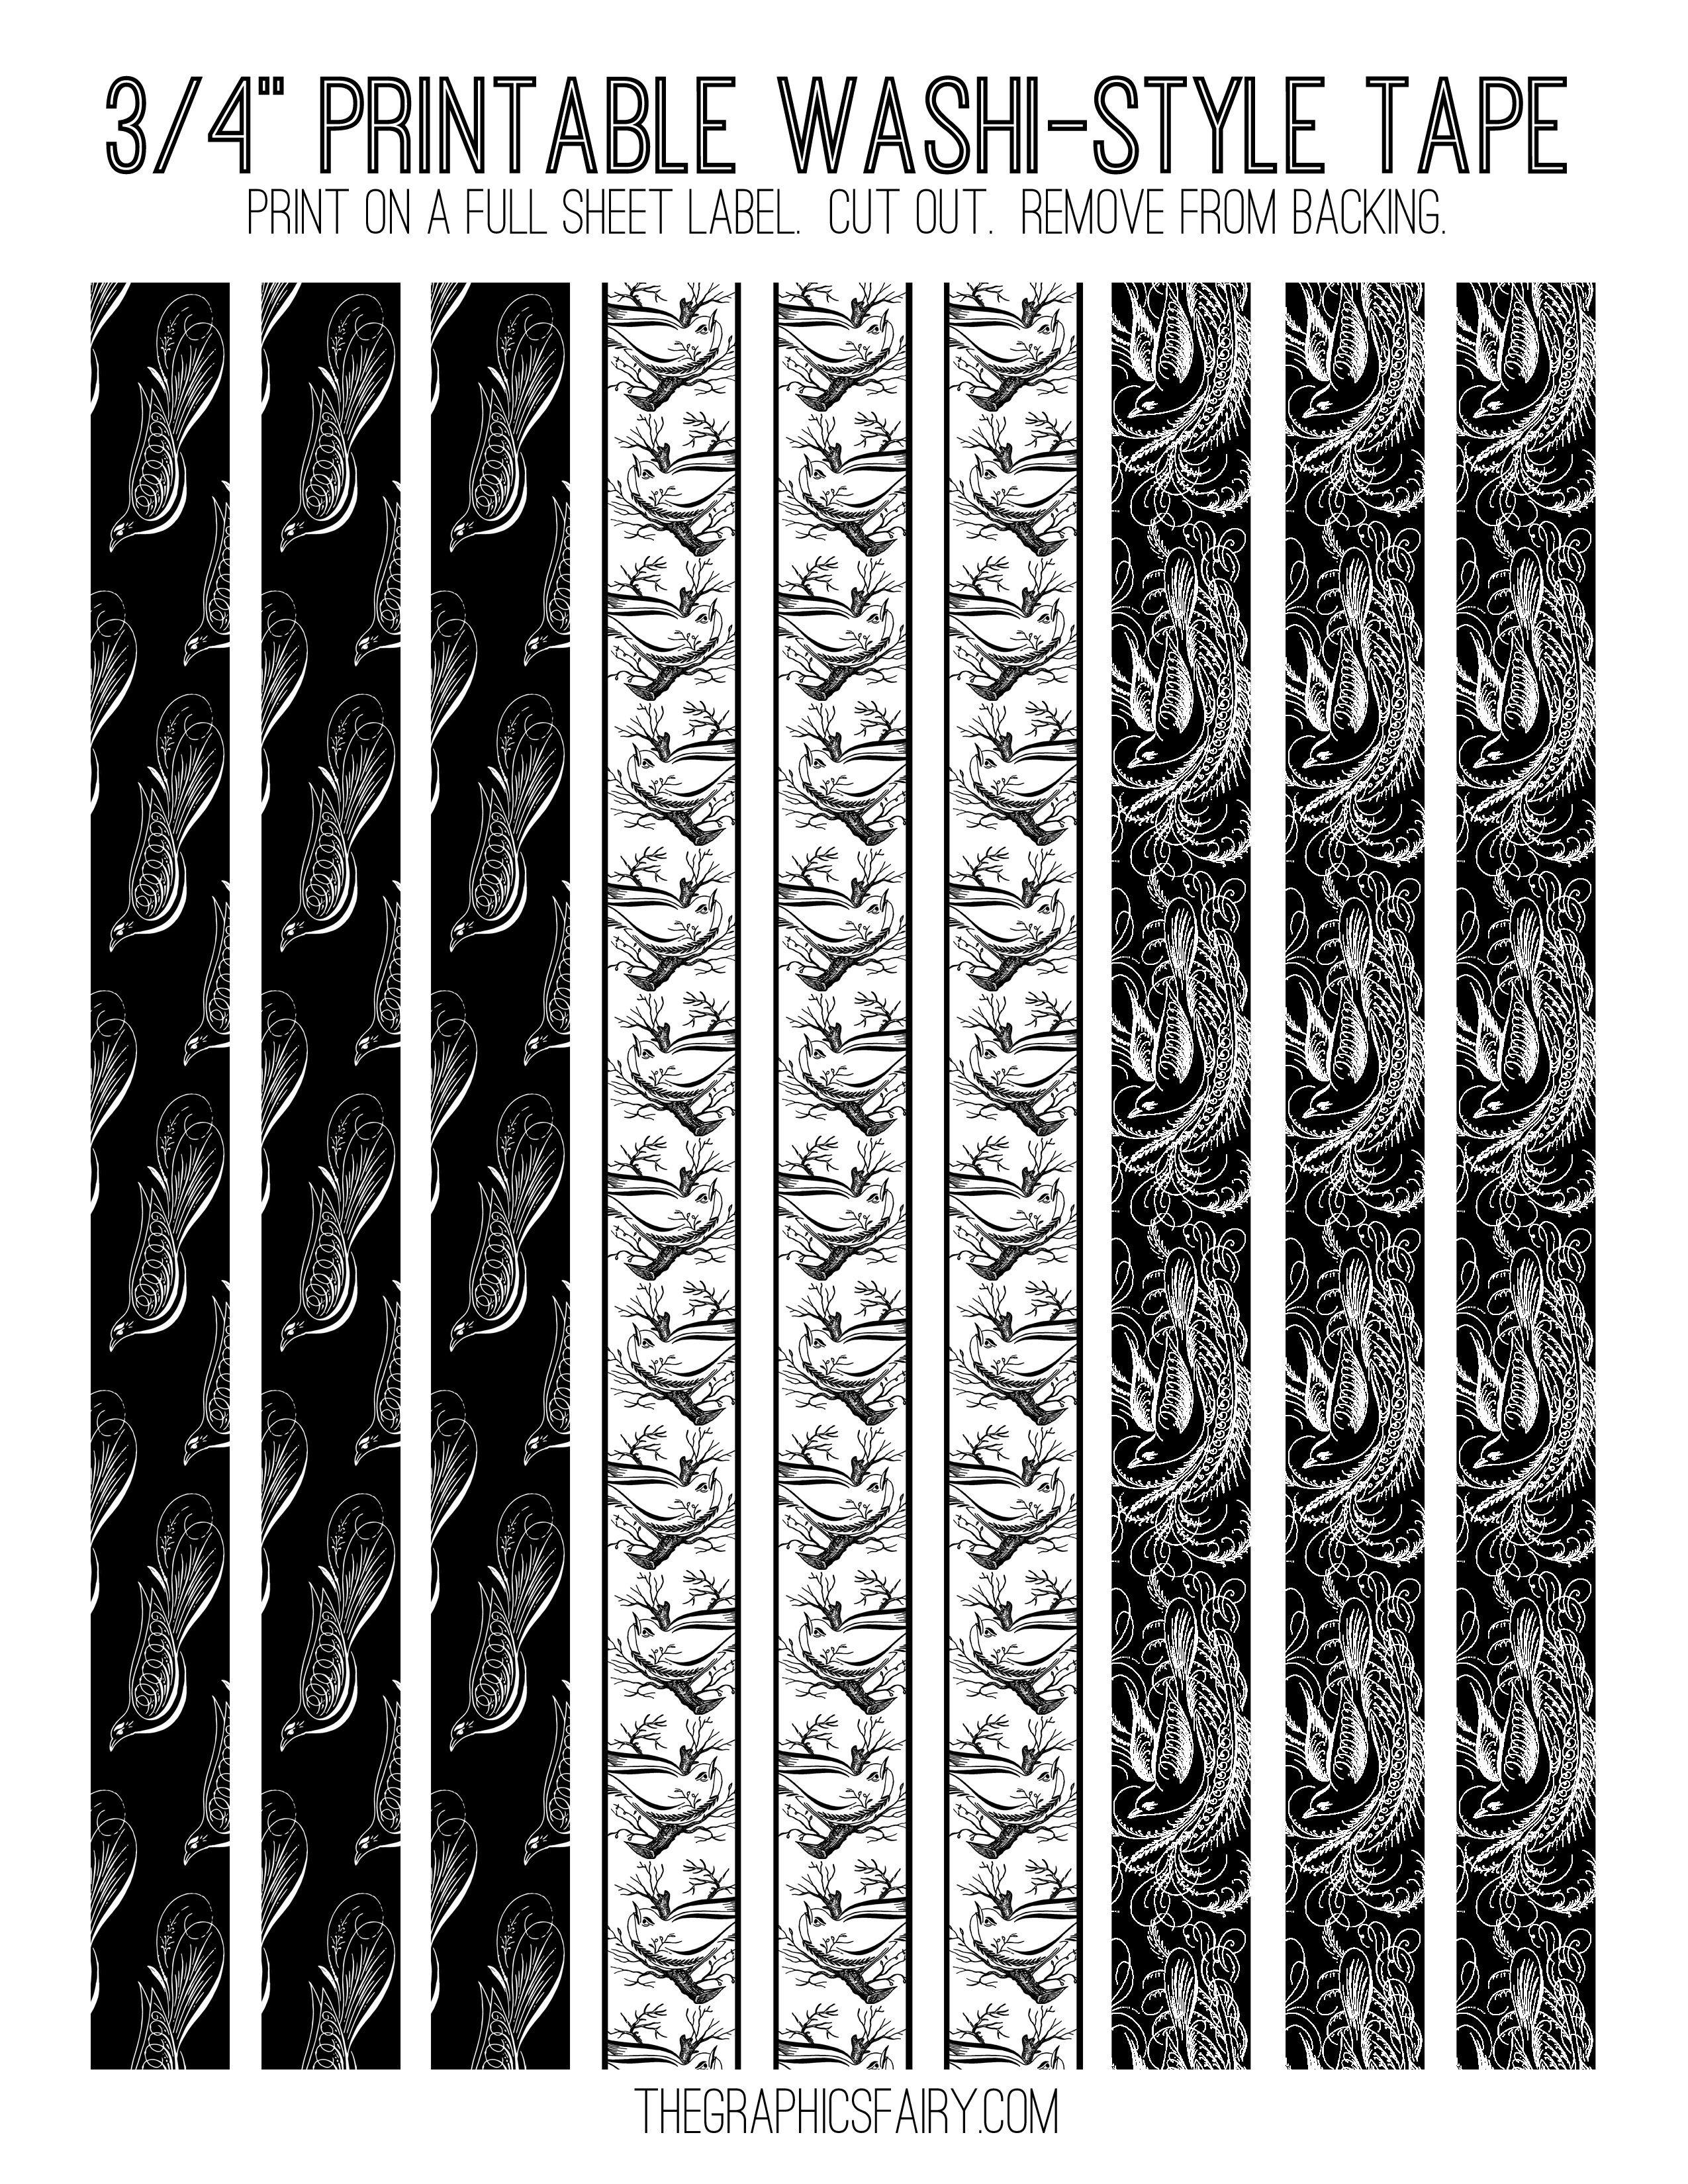 Free Printable Washi Tape! | Bullet Journal | Washi Tape Planner - Free Printable Washi Tape